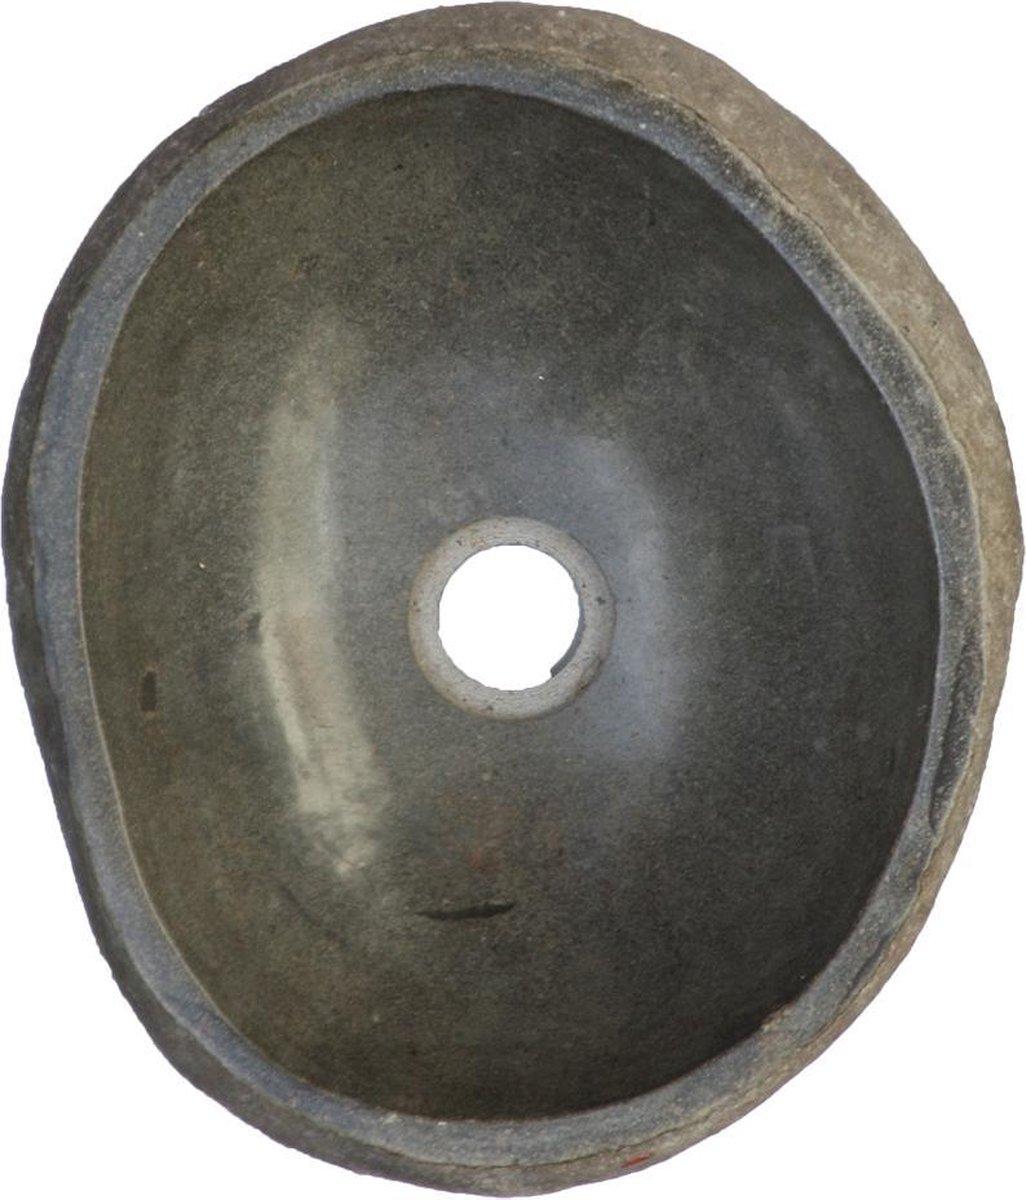 ROCKQ small Ø30-40cm riviersteen waskom wasbak wastafel